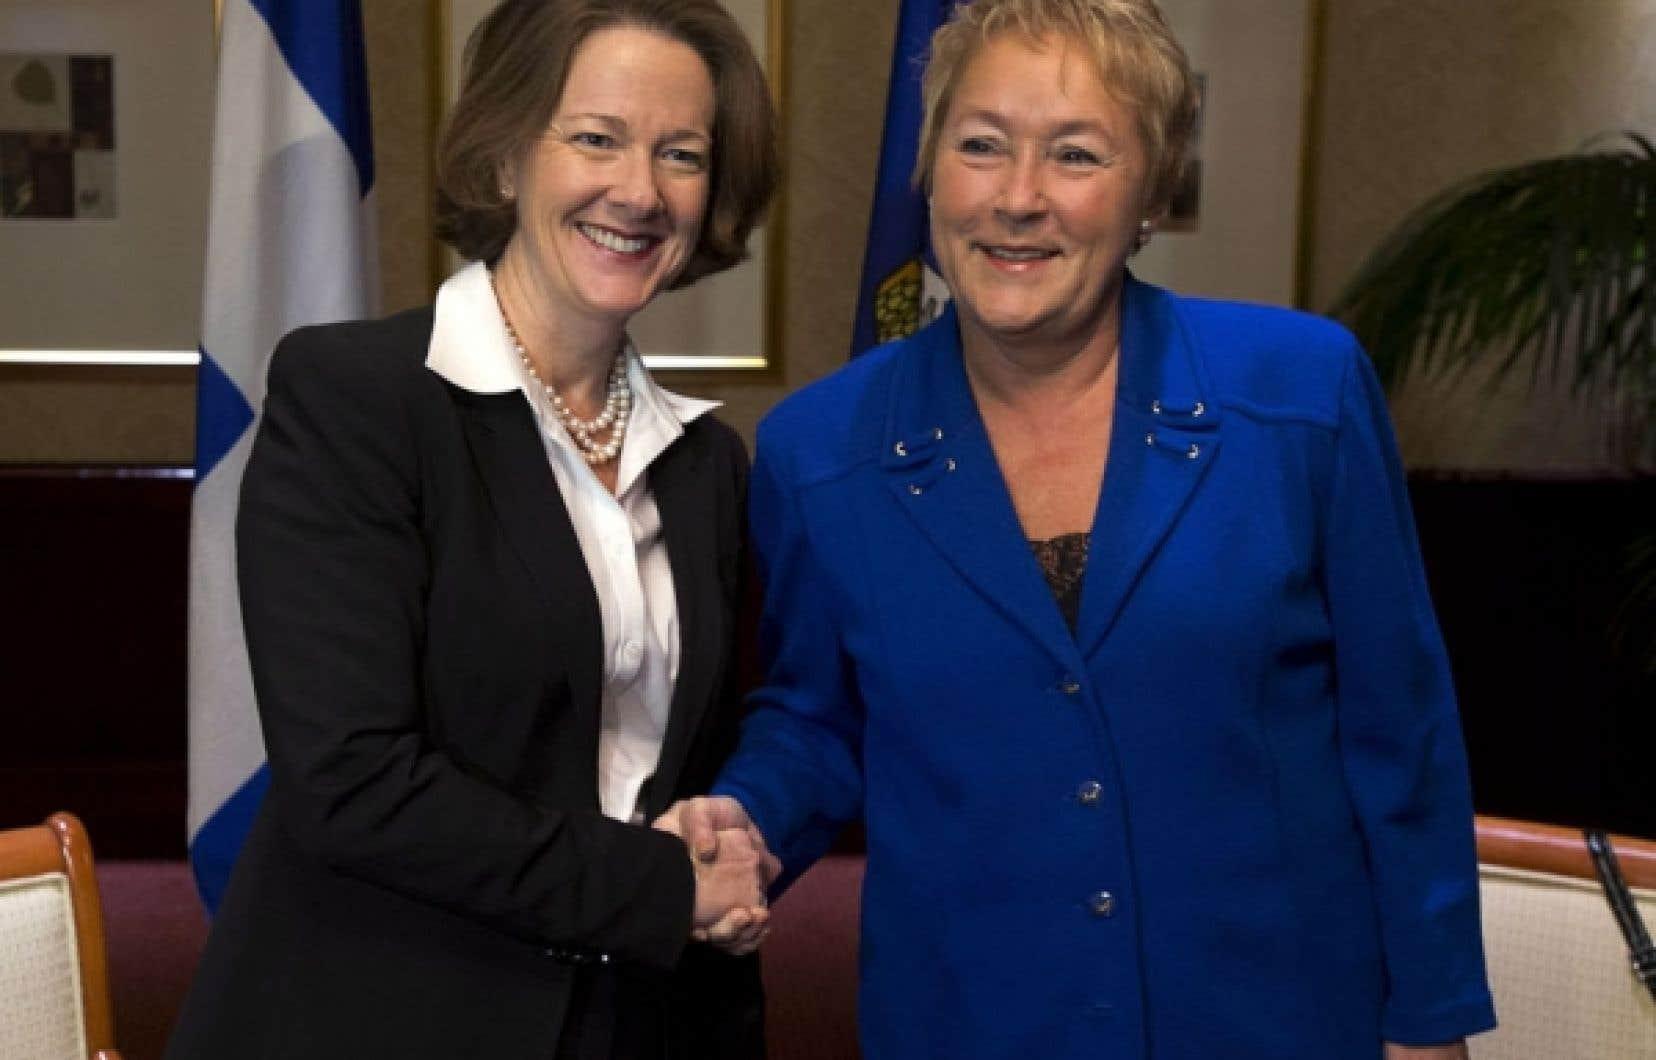 À l'issue d'une rencontre d'une demi-heure en marge de la réunion du Conseil de la fédération, Pauline Marois et son homologue albertaine Alison Redford ont annoncé qu'elles s'étaient entendues sur la mise sur pied d'un comité formé de fonctionnaires.